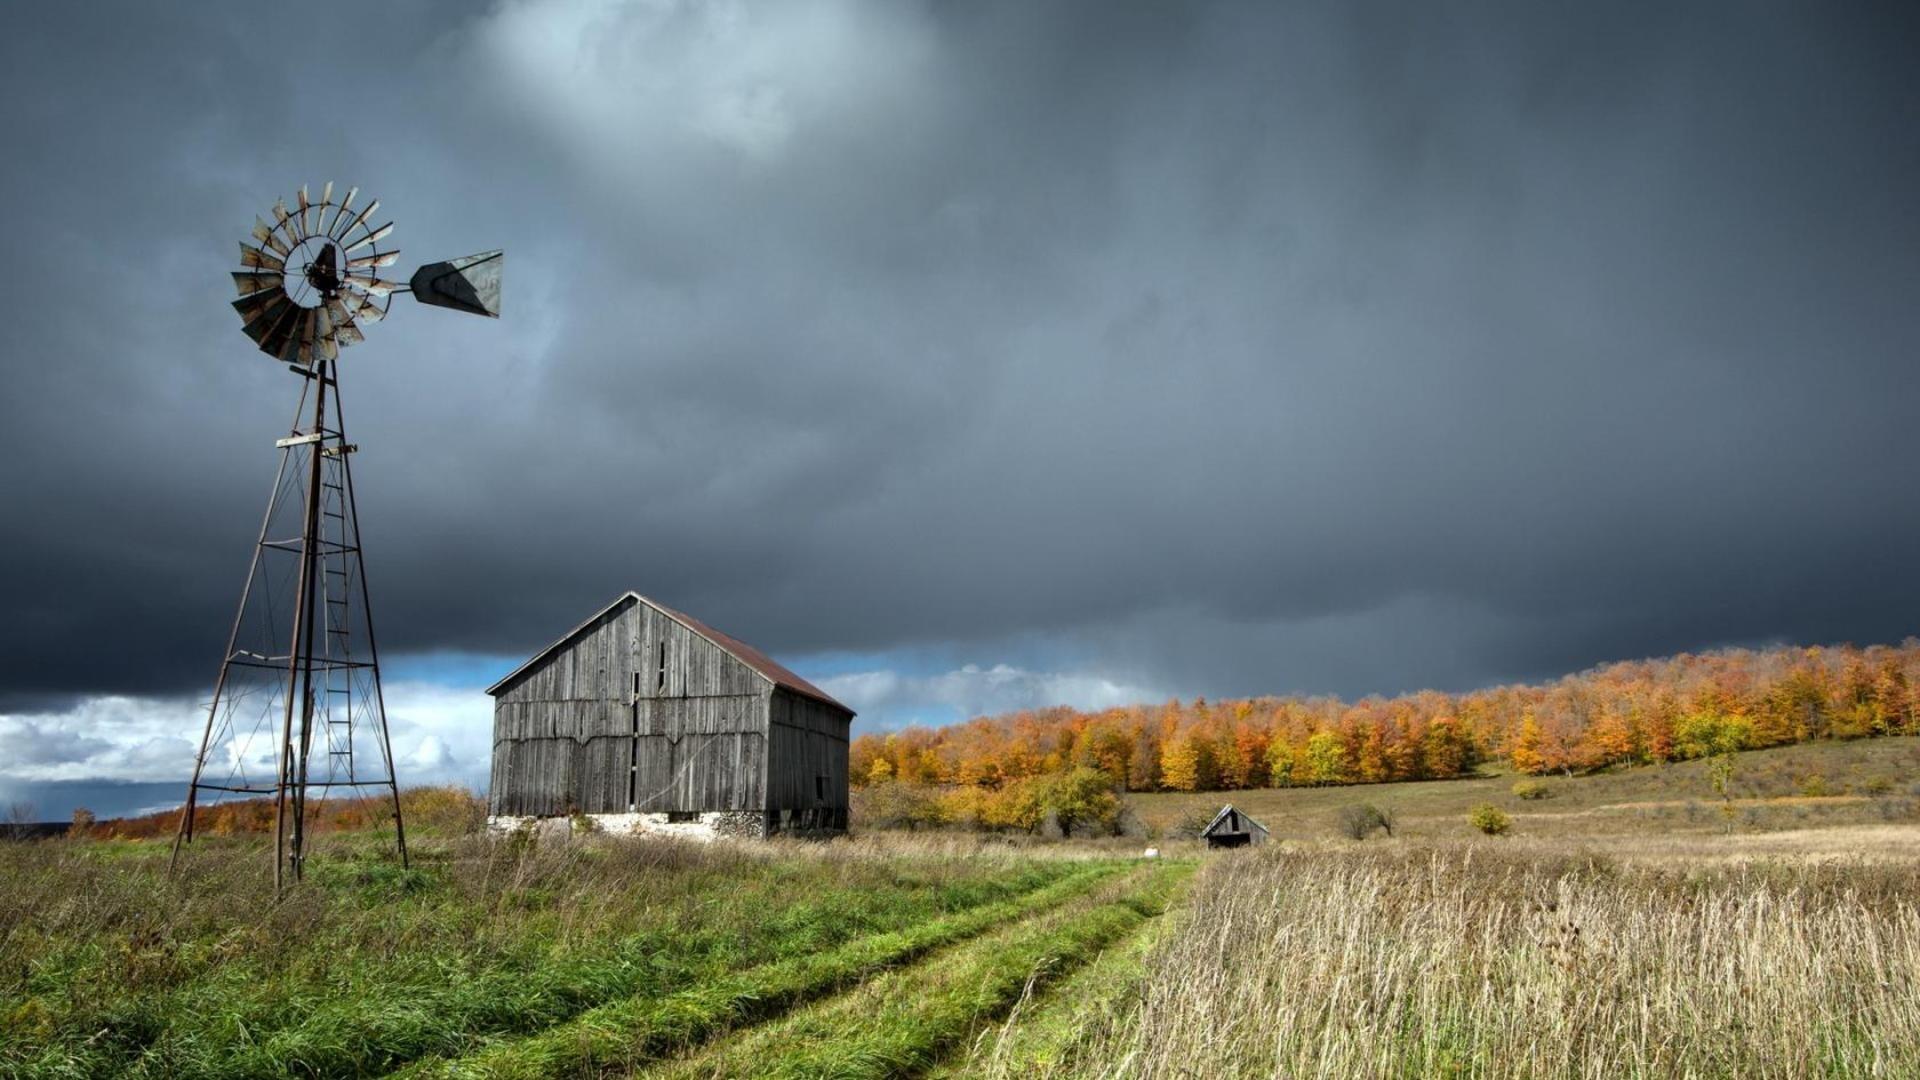 Fall Barn Wallpaper Windmill Farm Mill Wind Power Landscape Rustic 3